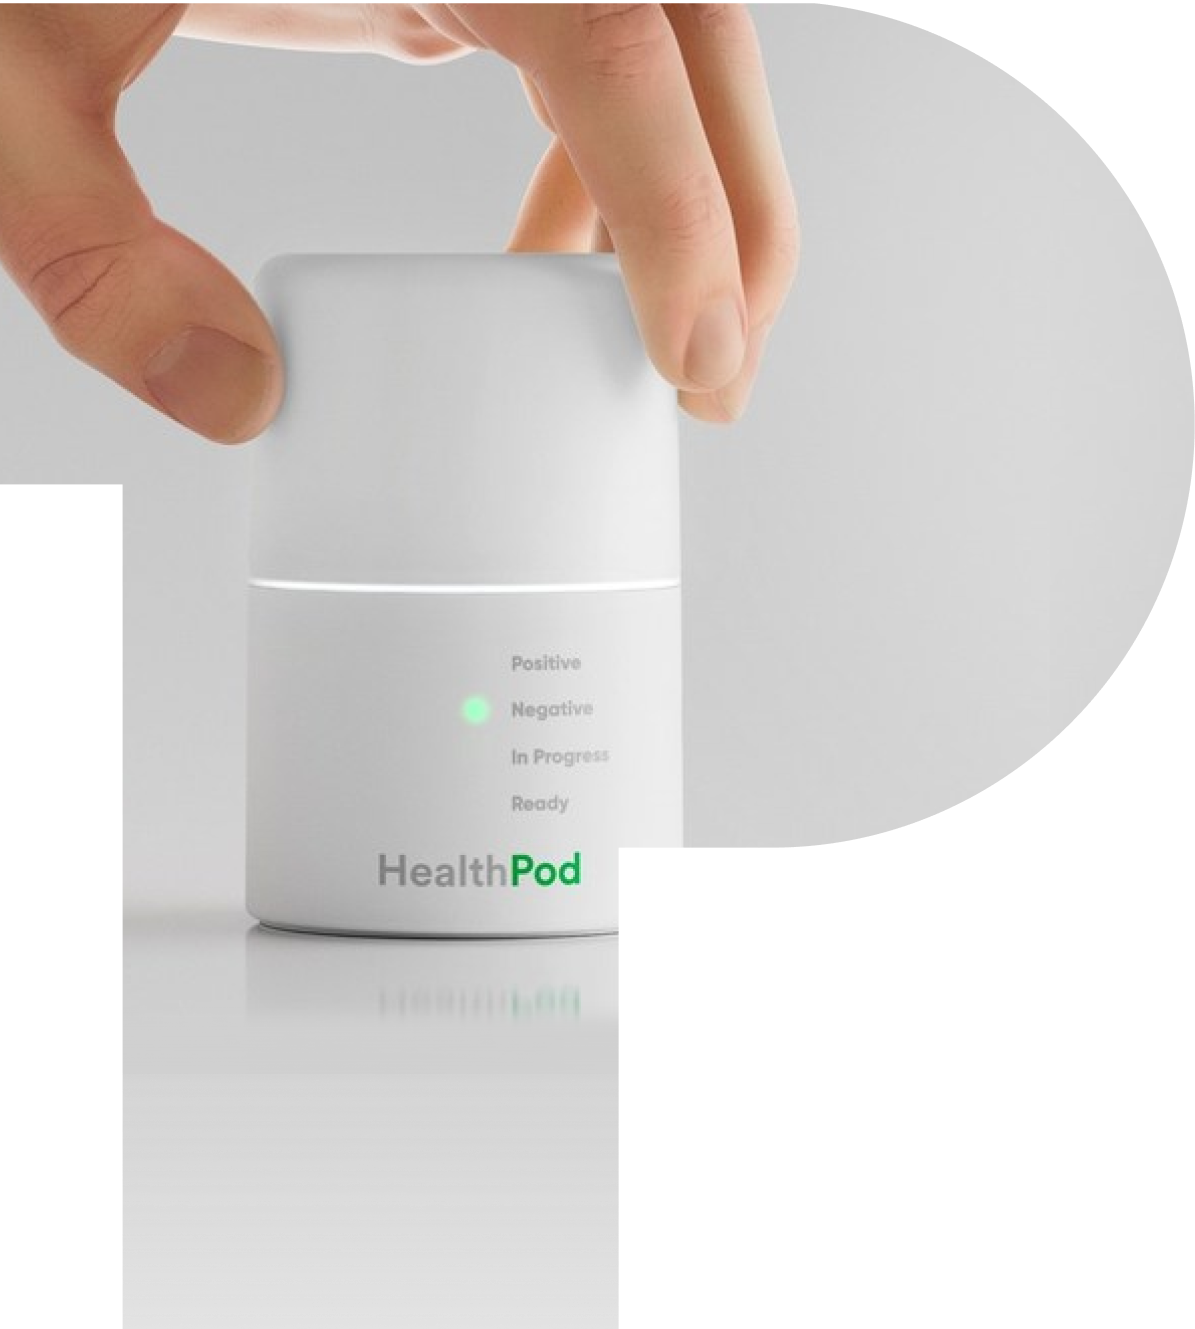 hand holding healthpod